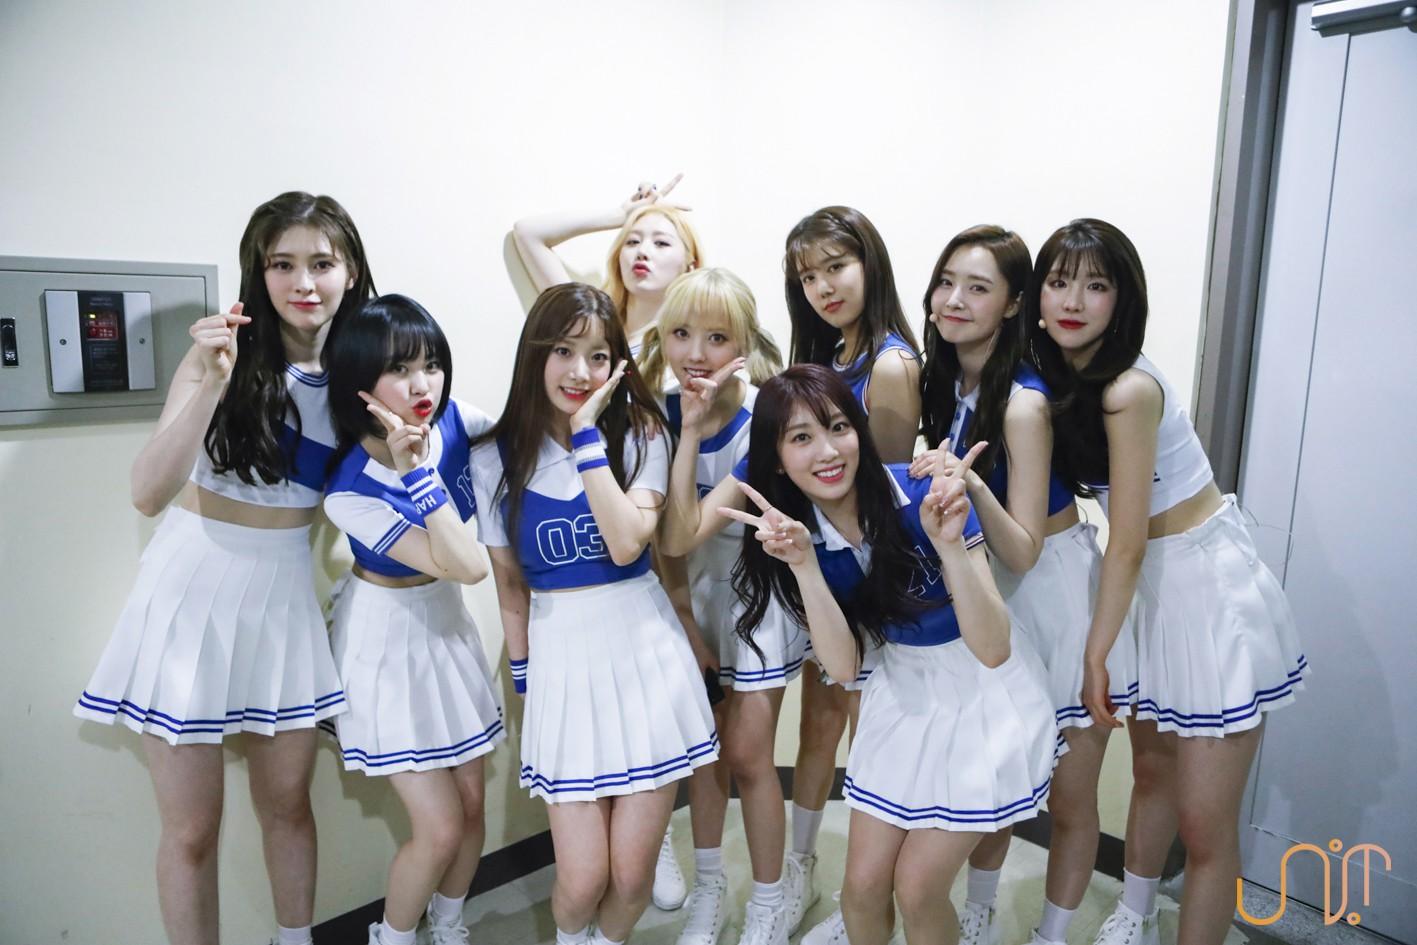 Đau lòng cho 14 idolgroup tan rã khi tay còn chưa một lần kịp chạm chiếc cúp chiến thắng - Ảnh 1.